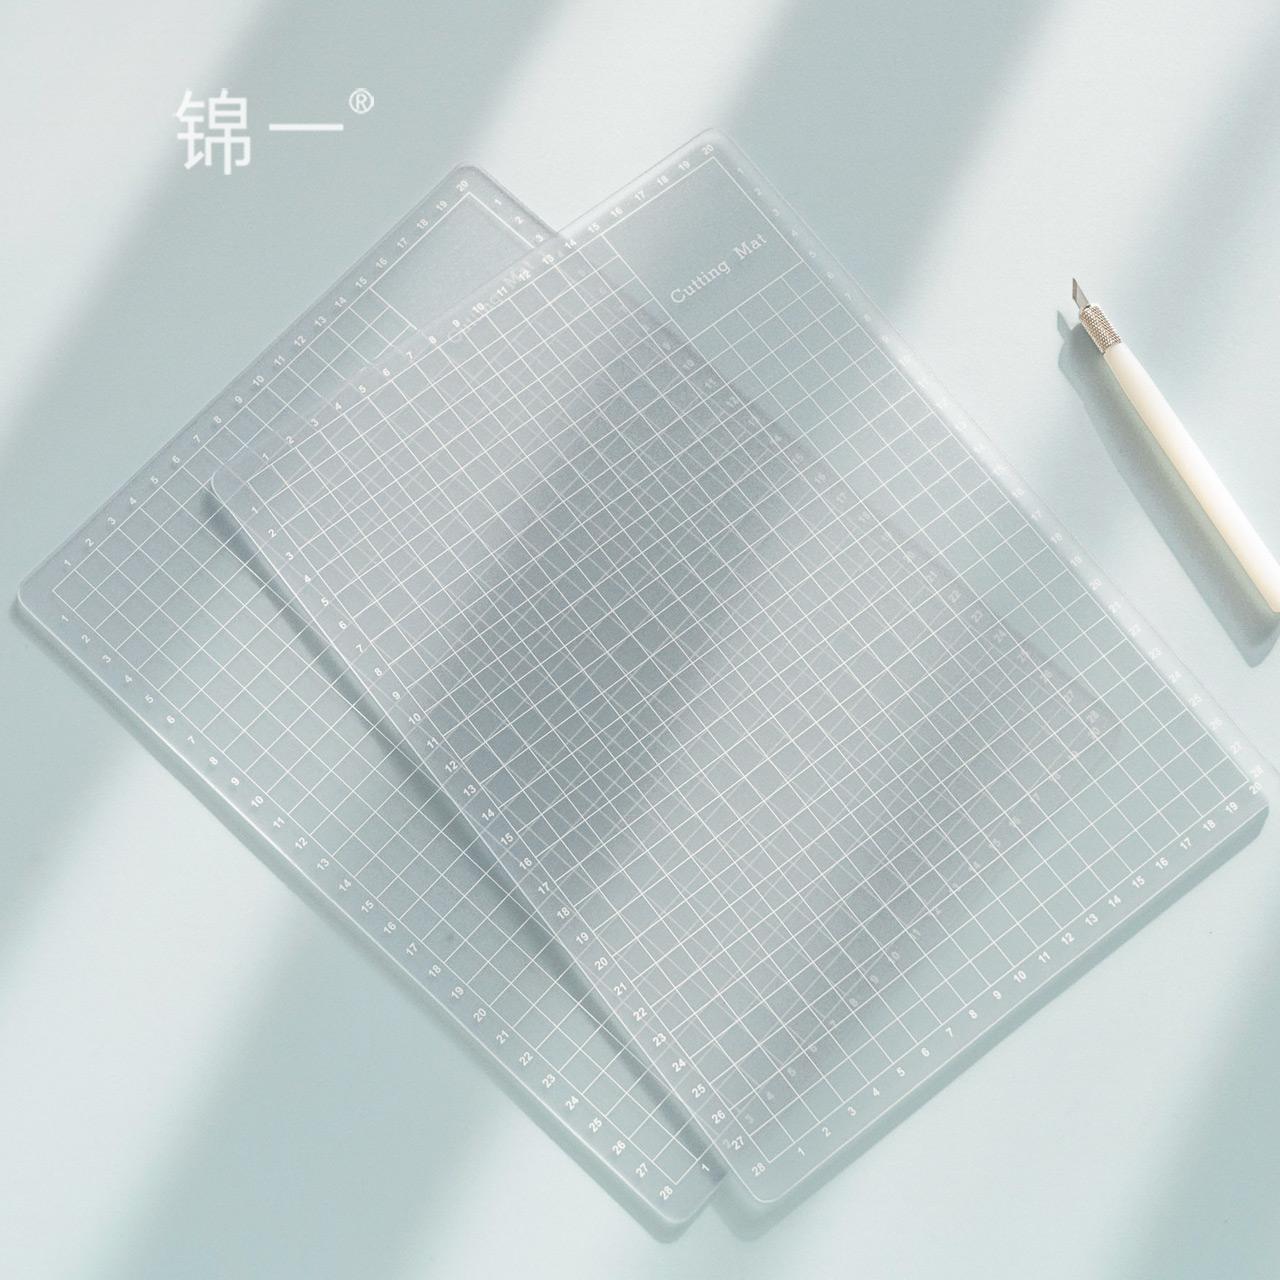 锦一文具 颜值很高的A4透明切割板小清新可爱裁纸板美工雕刻防割垫学生用文具刻度板创意手帐胶带切割垫板